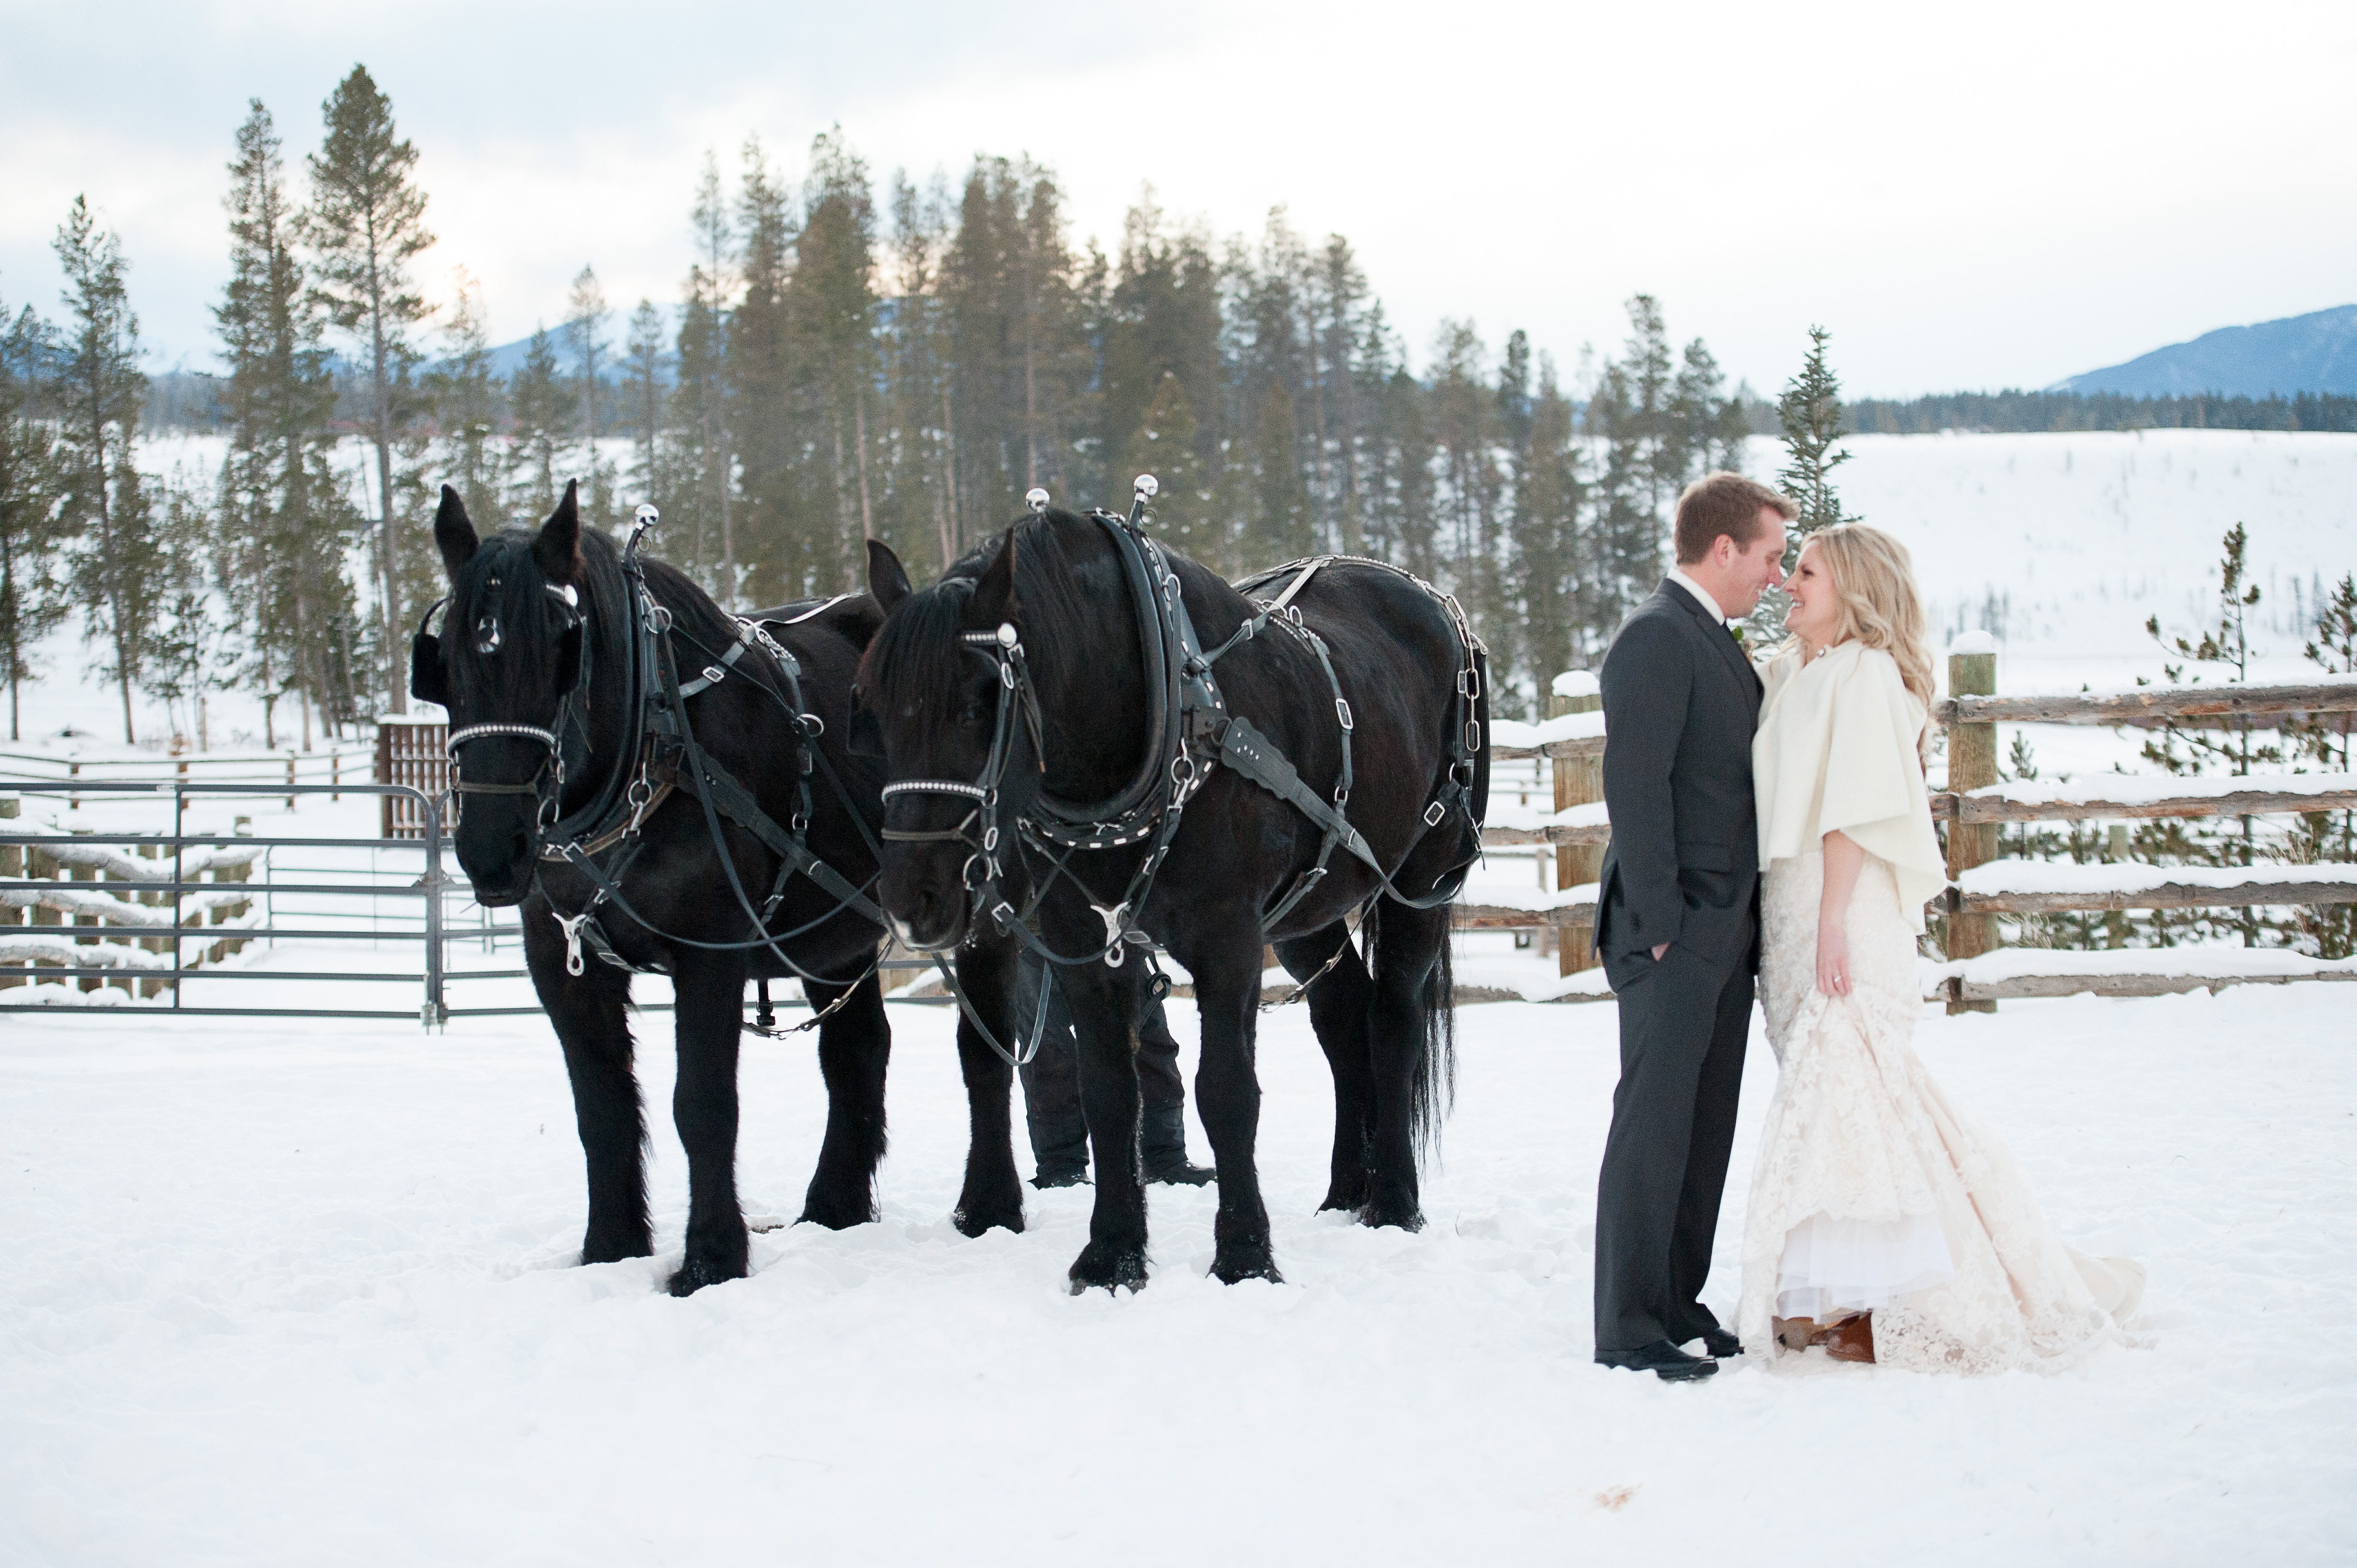 вскоре картинка тройка свадьба решитесь отдых кабардинке